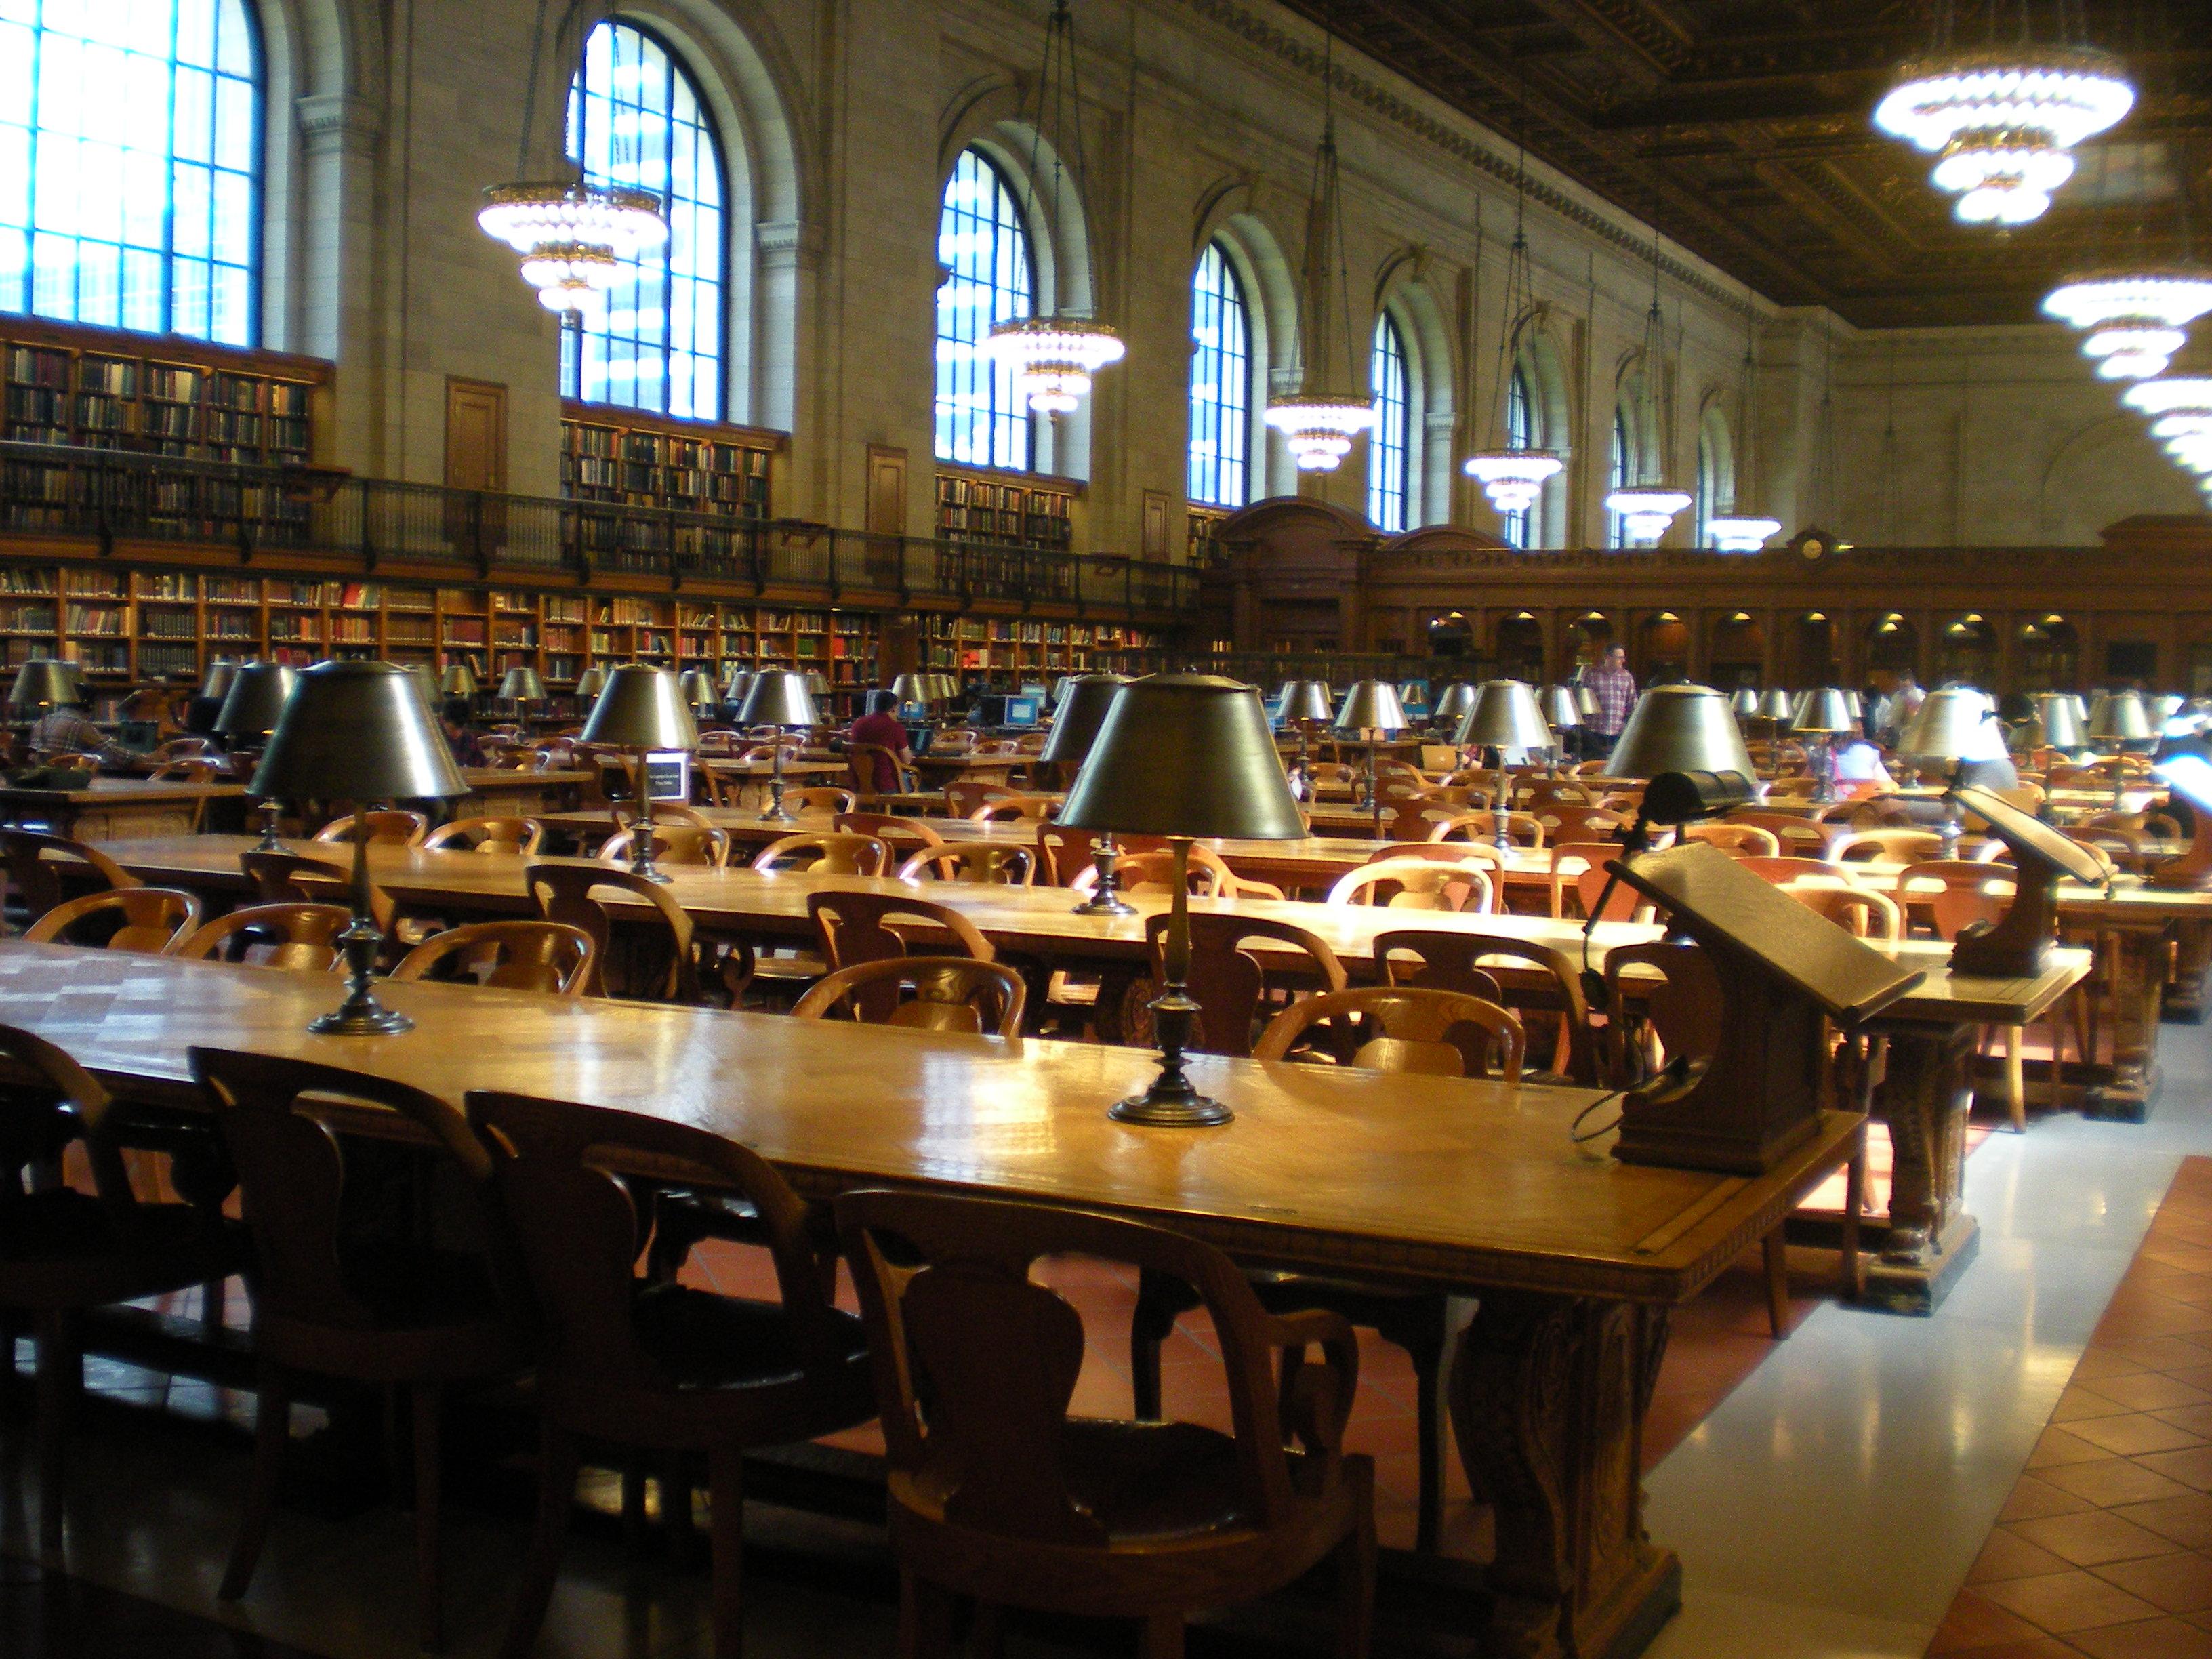 Nueva York, New York Public Library ©VoyaNYC